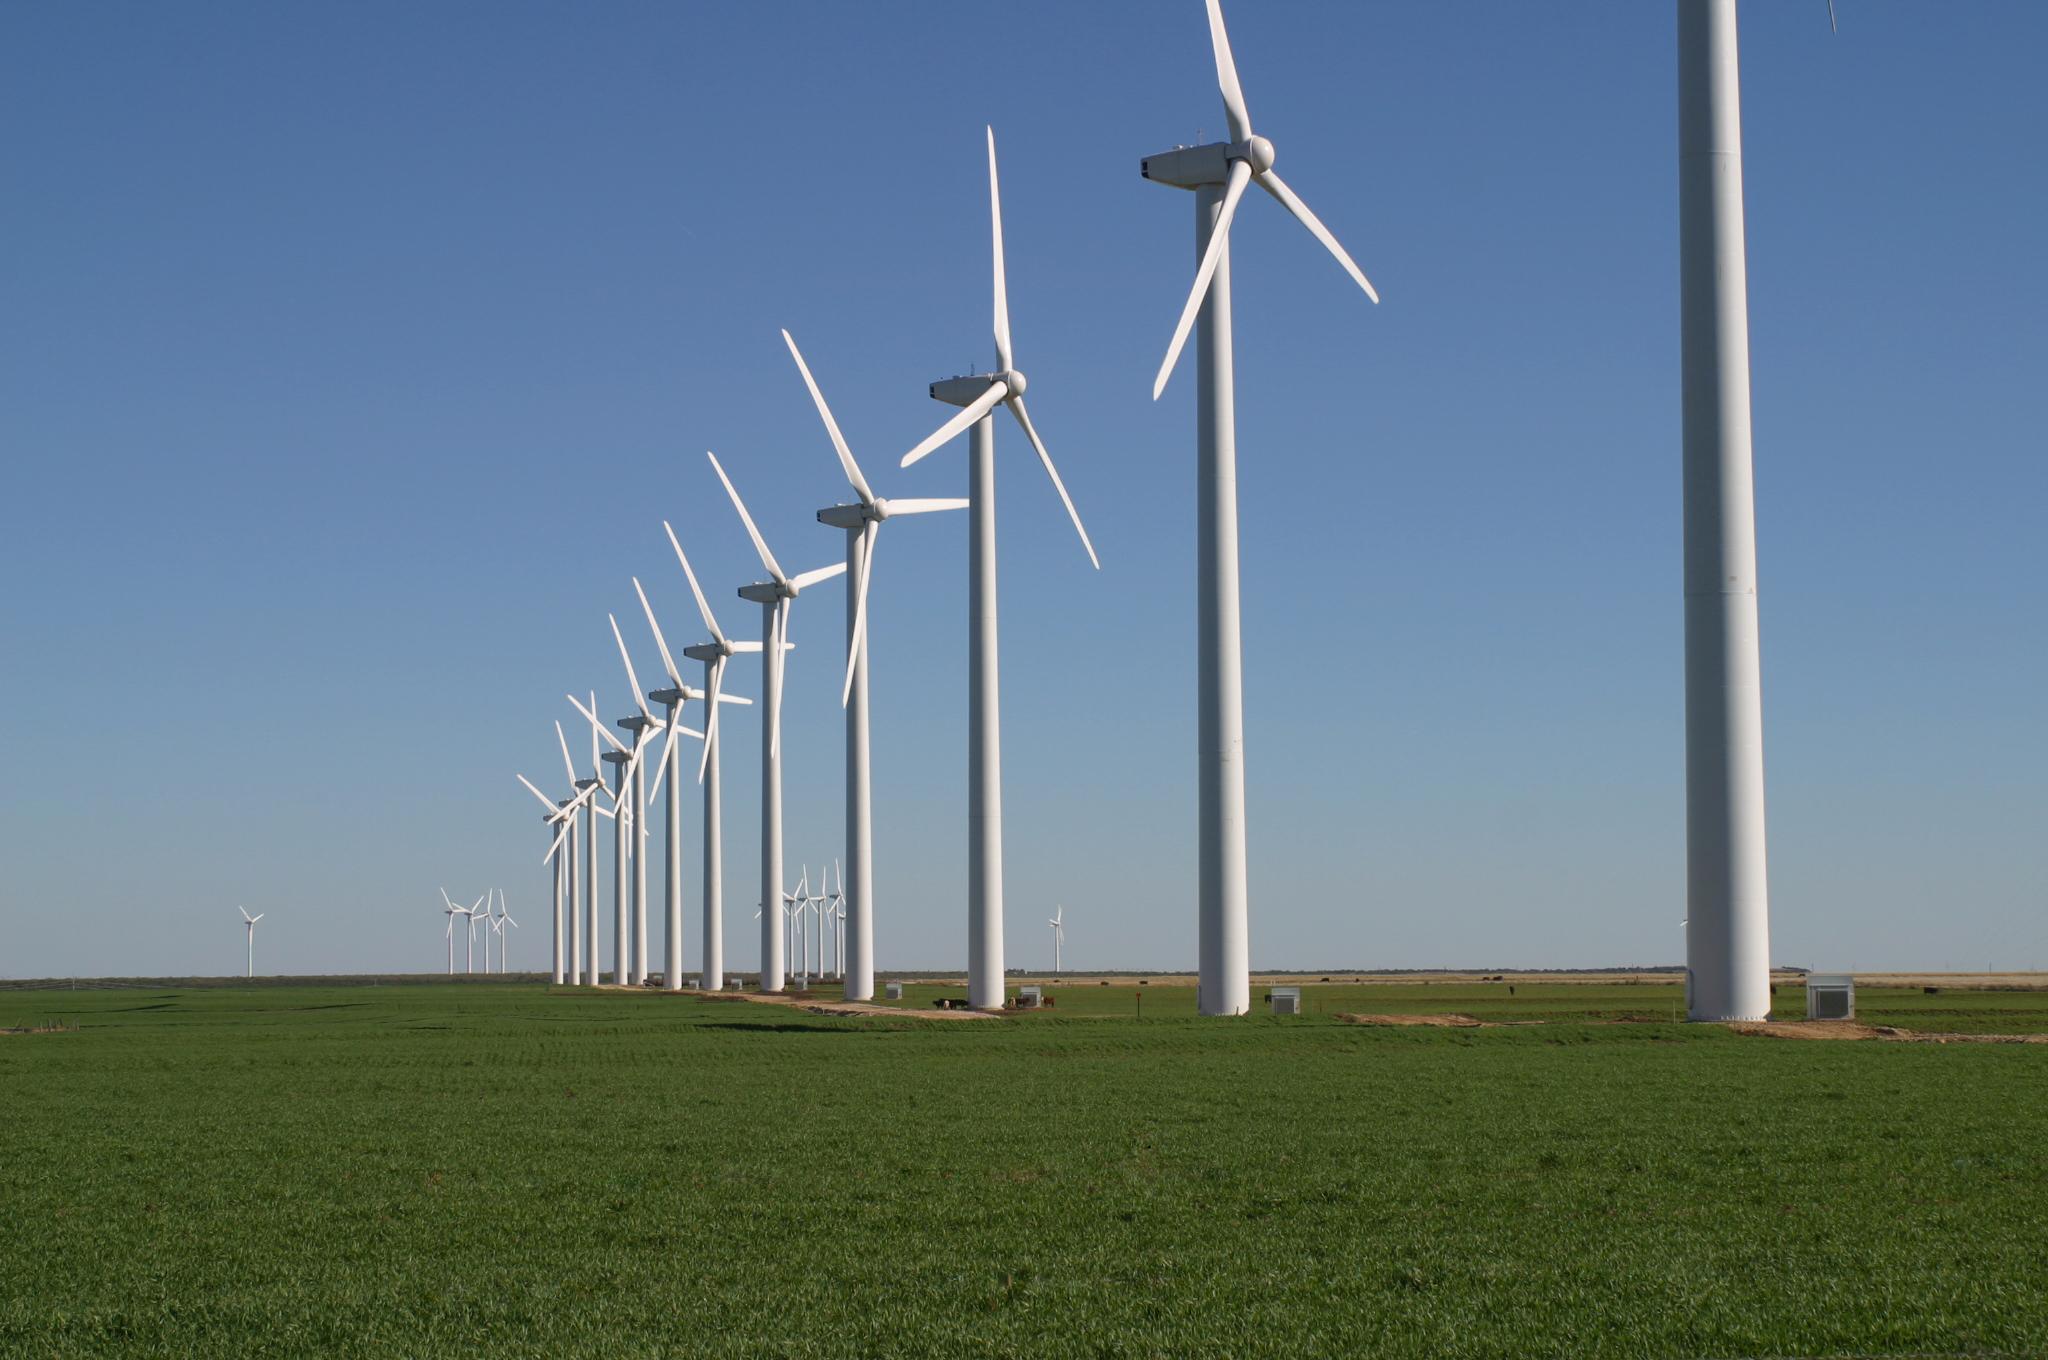 الطاقة، النقل، التمويل، والرعاية الصحية: قطاعات تحتضن فرصاً ريادية كبيرة لعام 2015